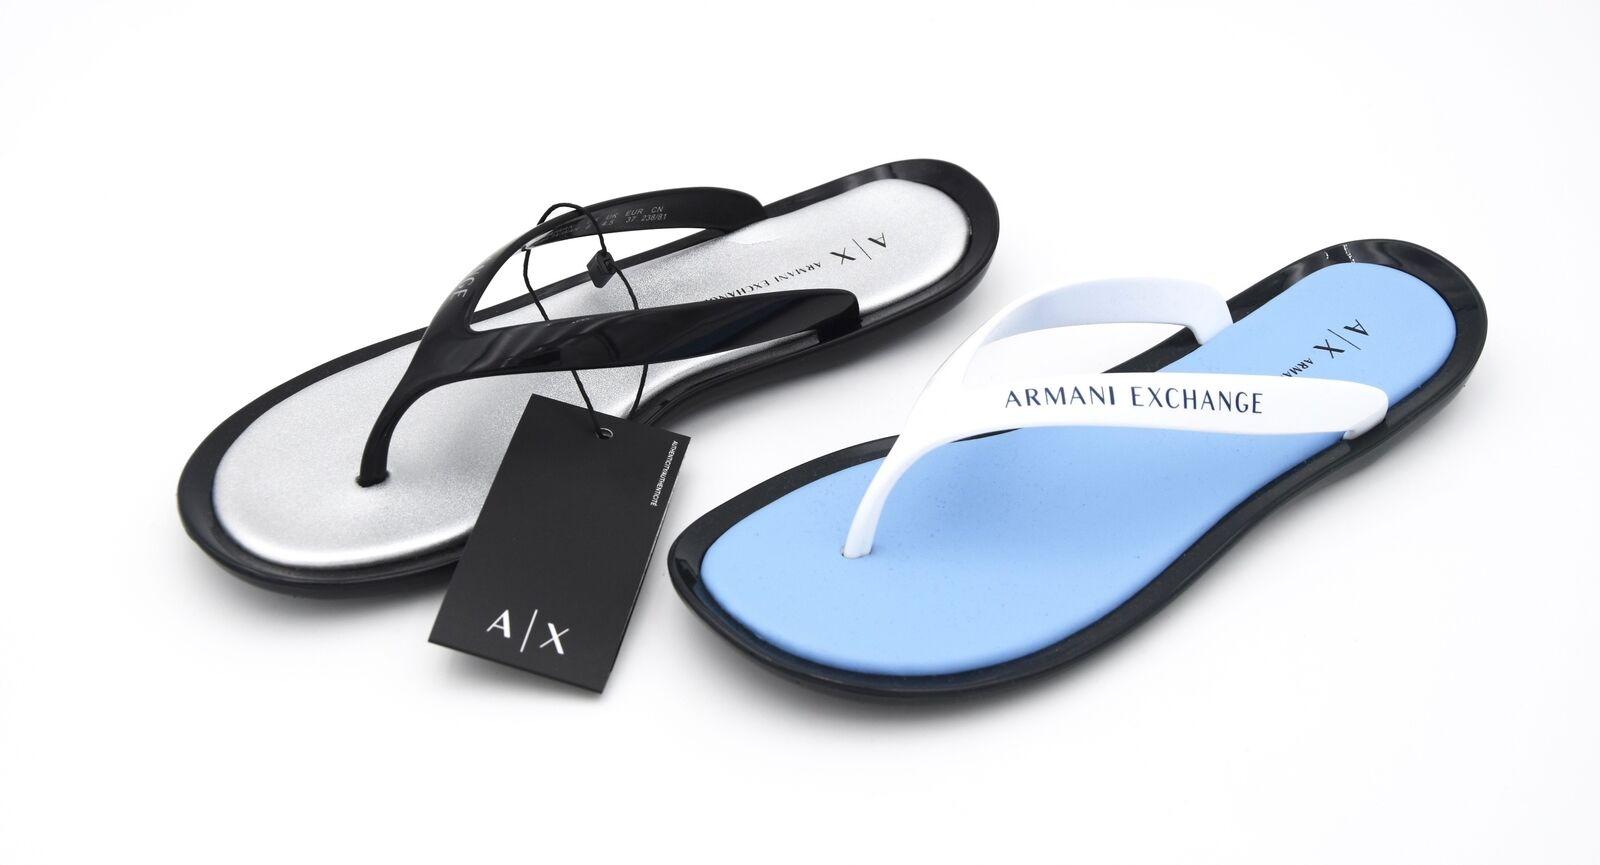 Armani Exchange Femme Tongs Sandales Chaussures En Caoutchouc code 945082 8P478